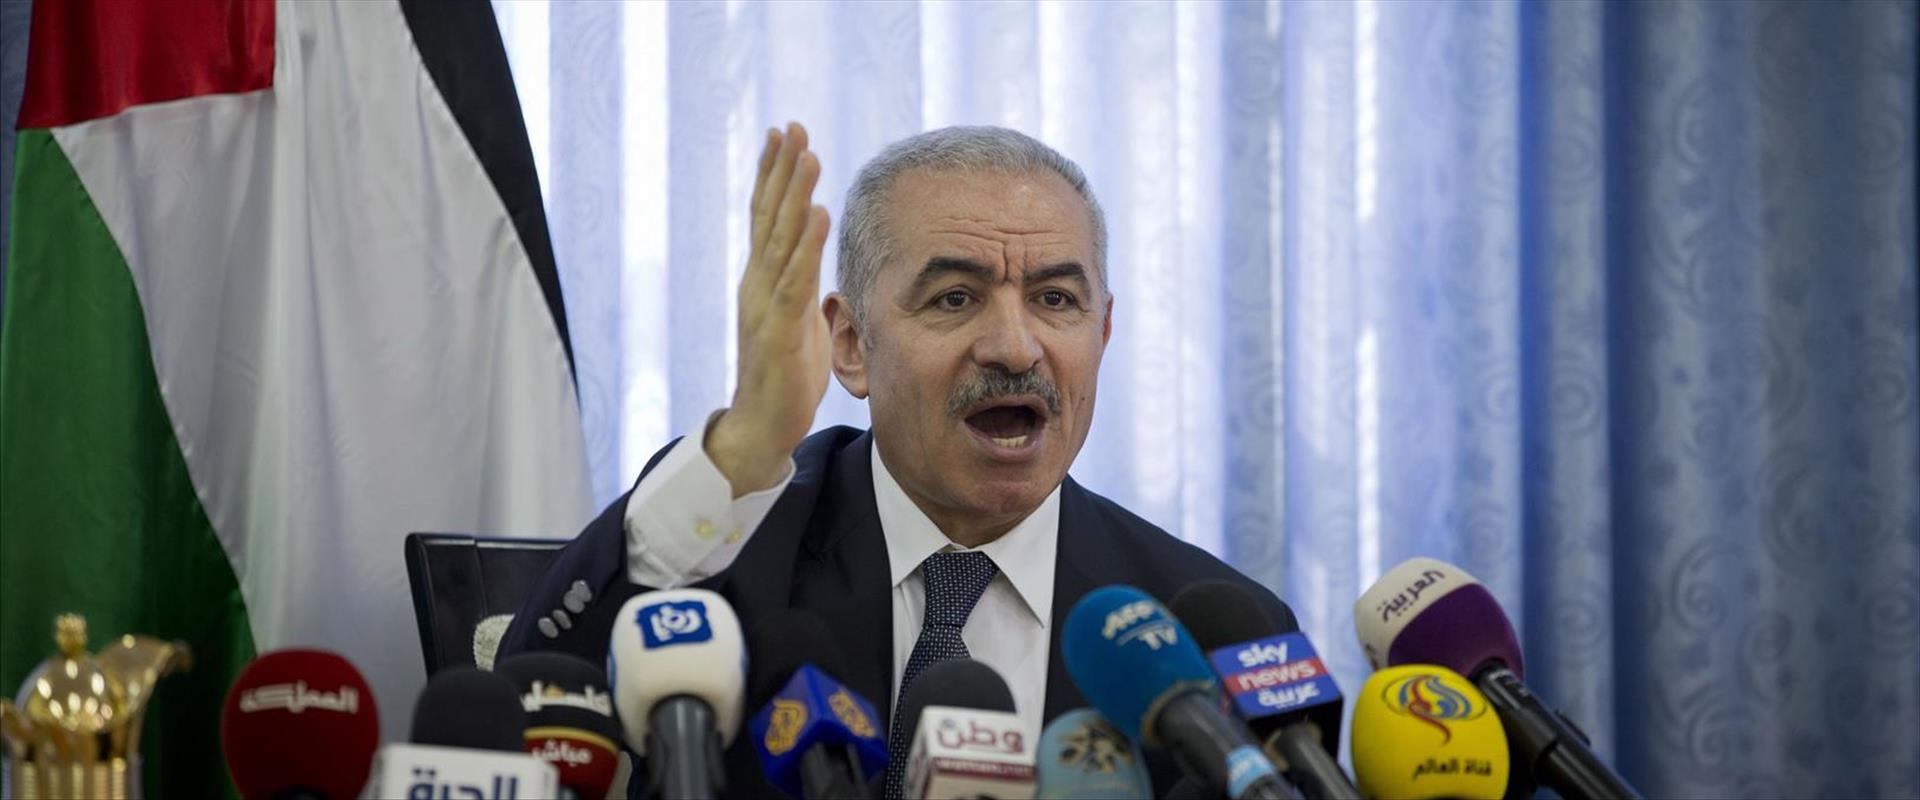 ראש הממשלה הפלסטיני מוחמד שתאייה